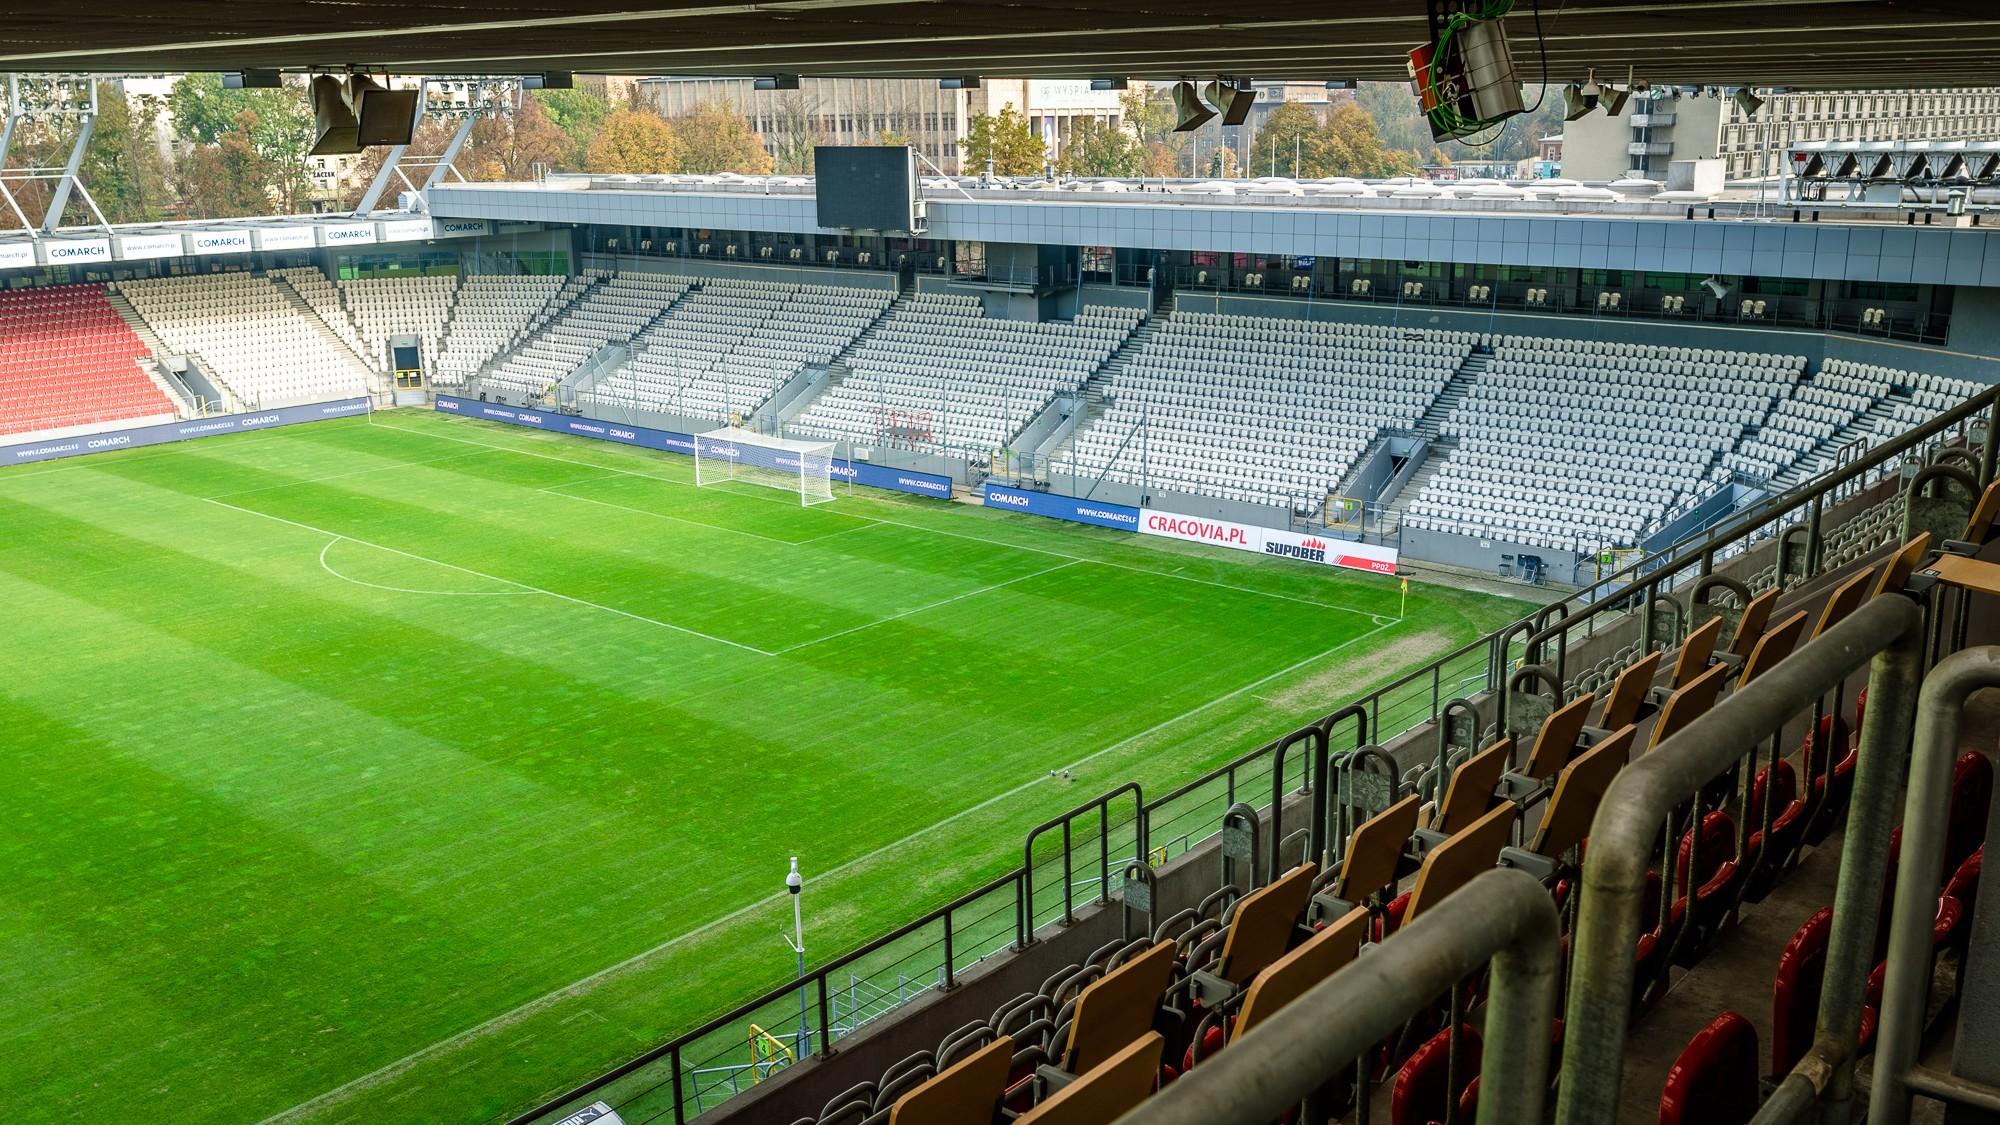 Stadion im  Józefa Piłsudskiego (Stadion Cracovii